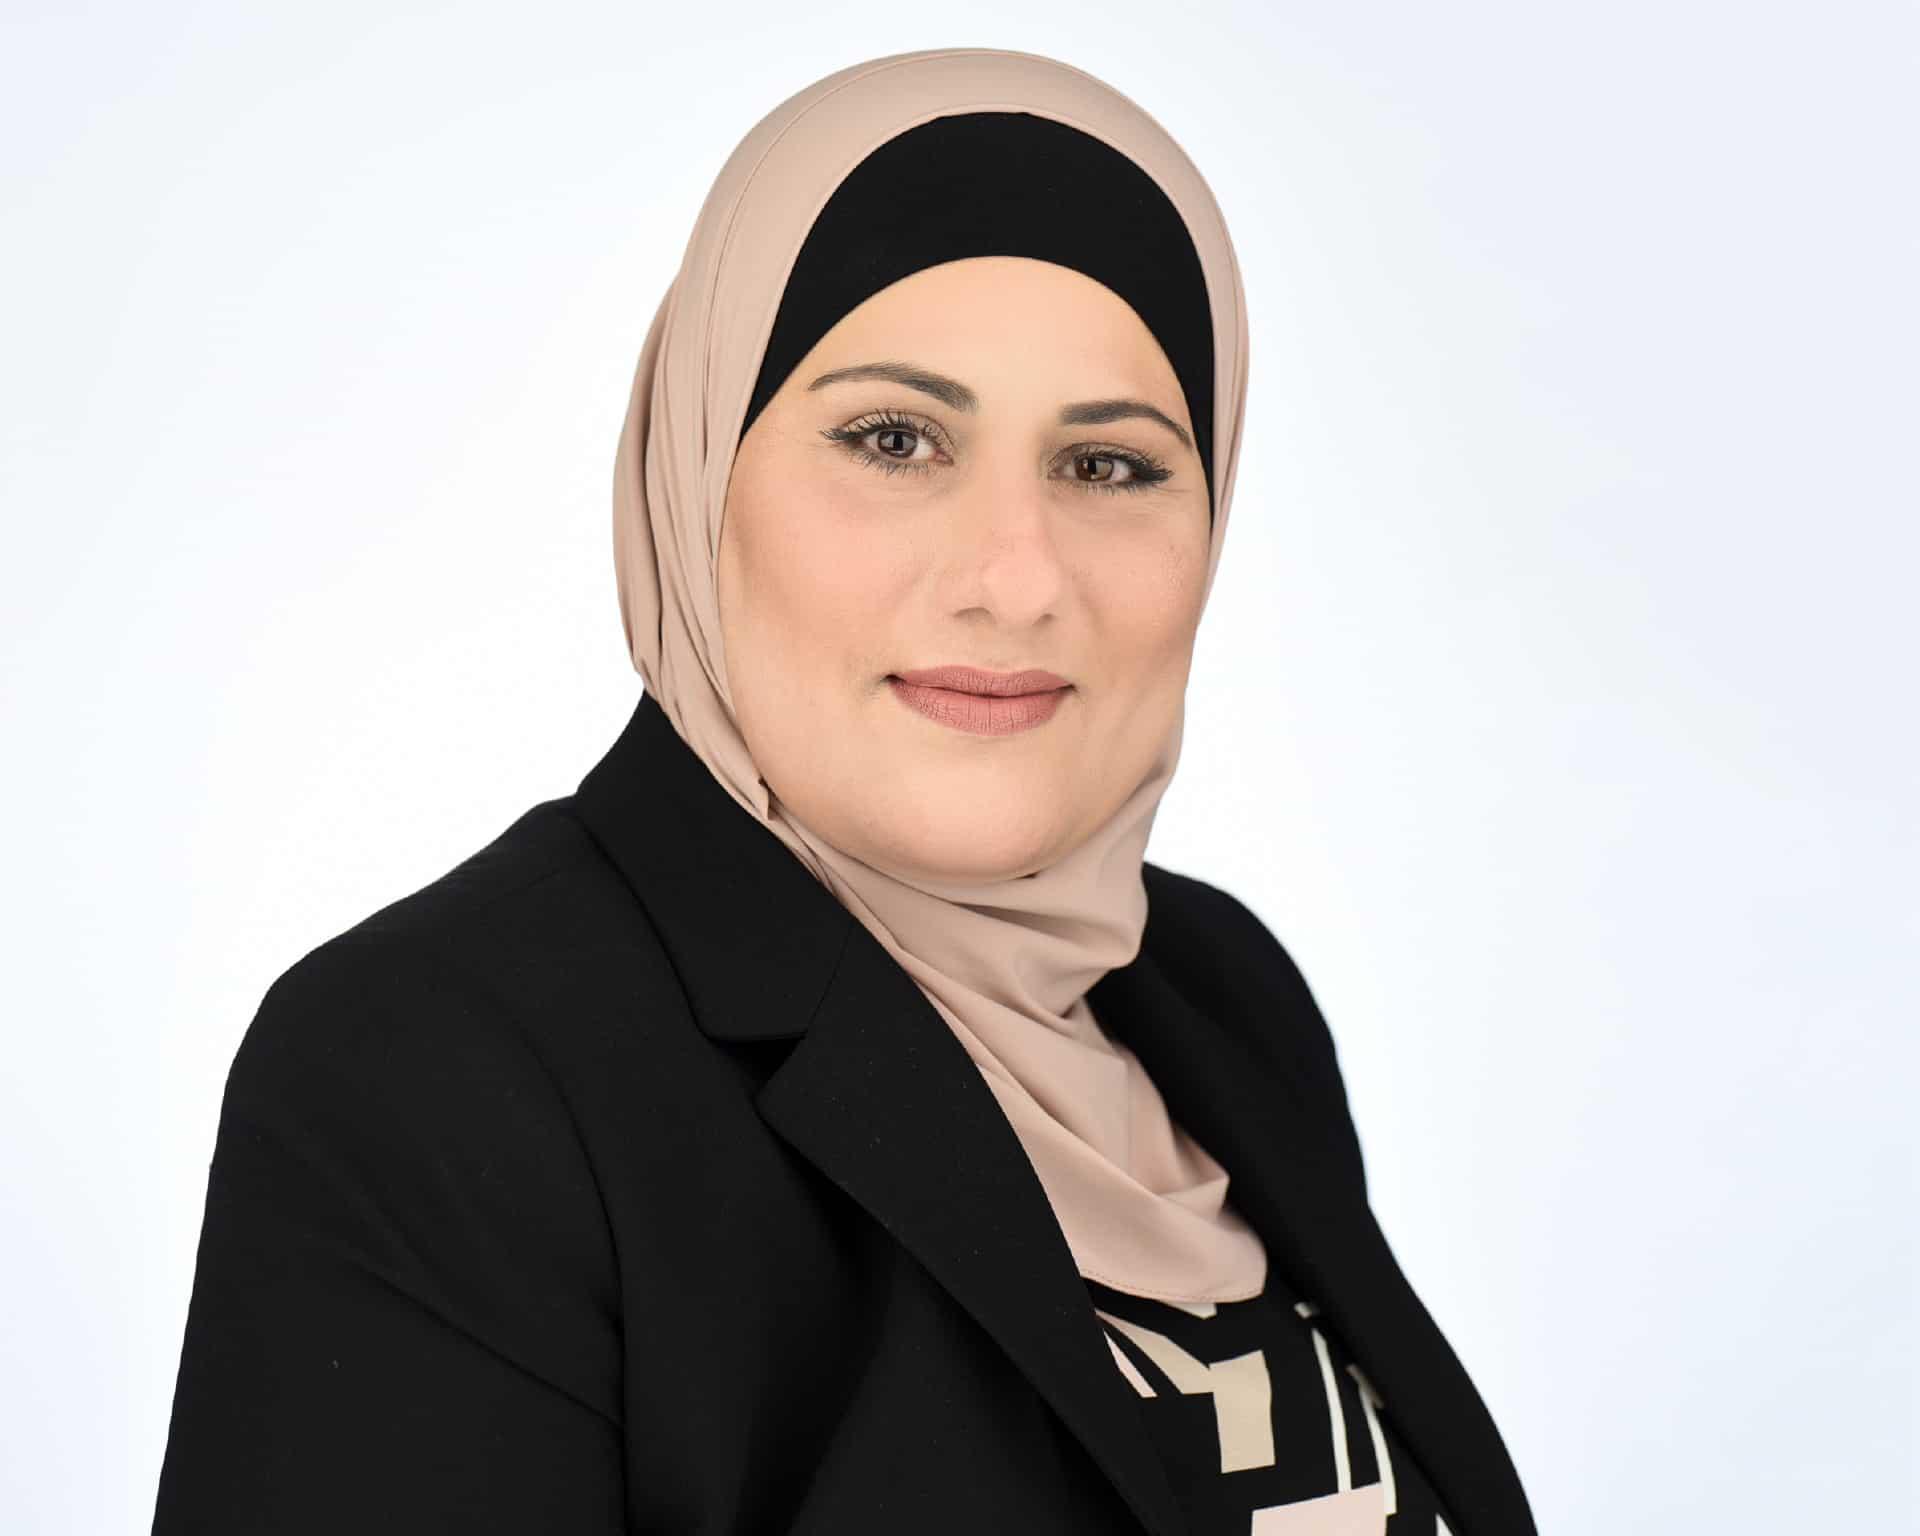 Fatmeh Abusaif